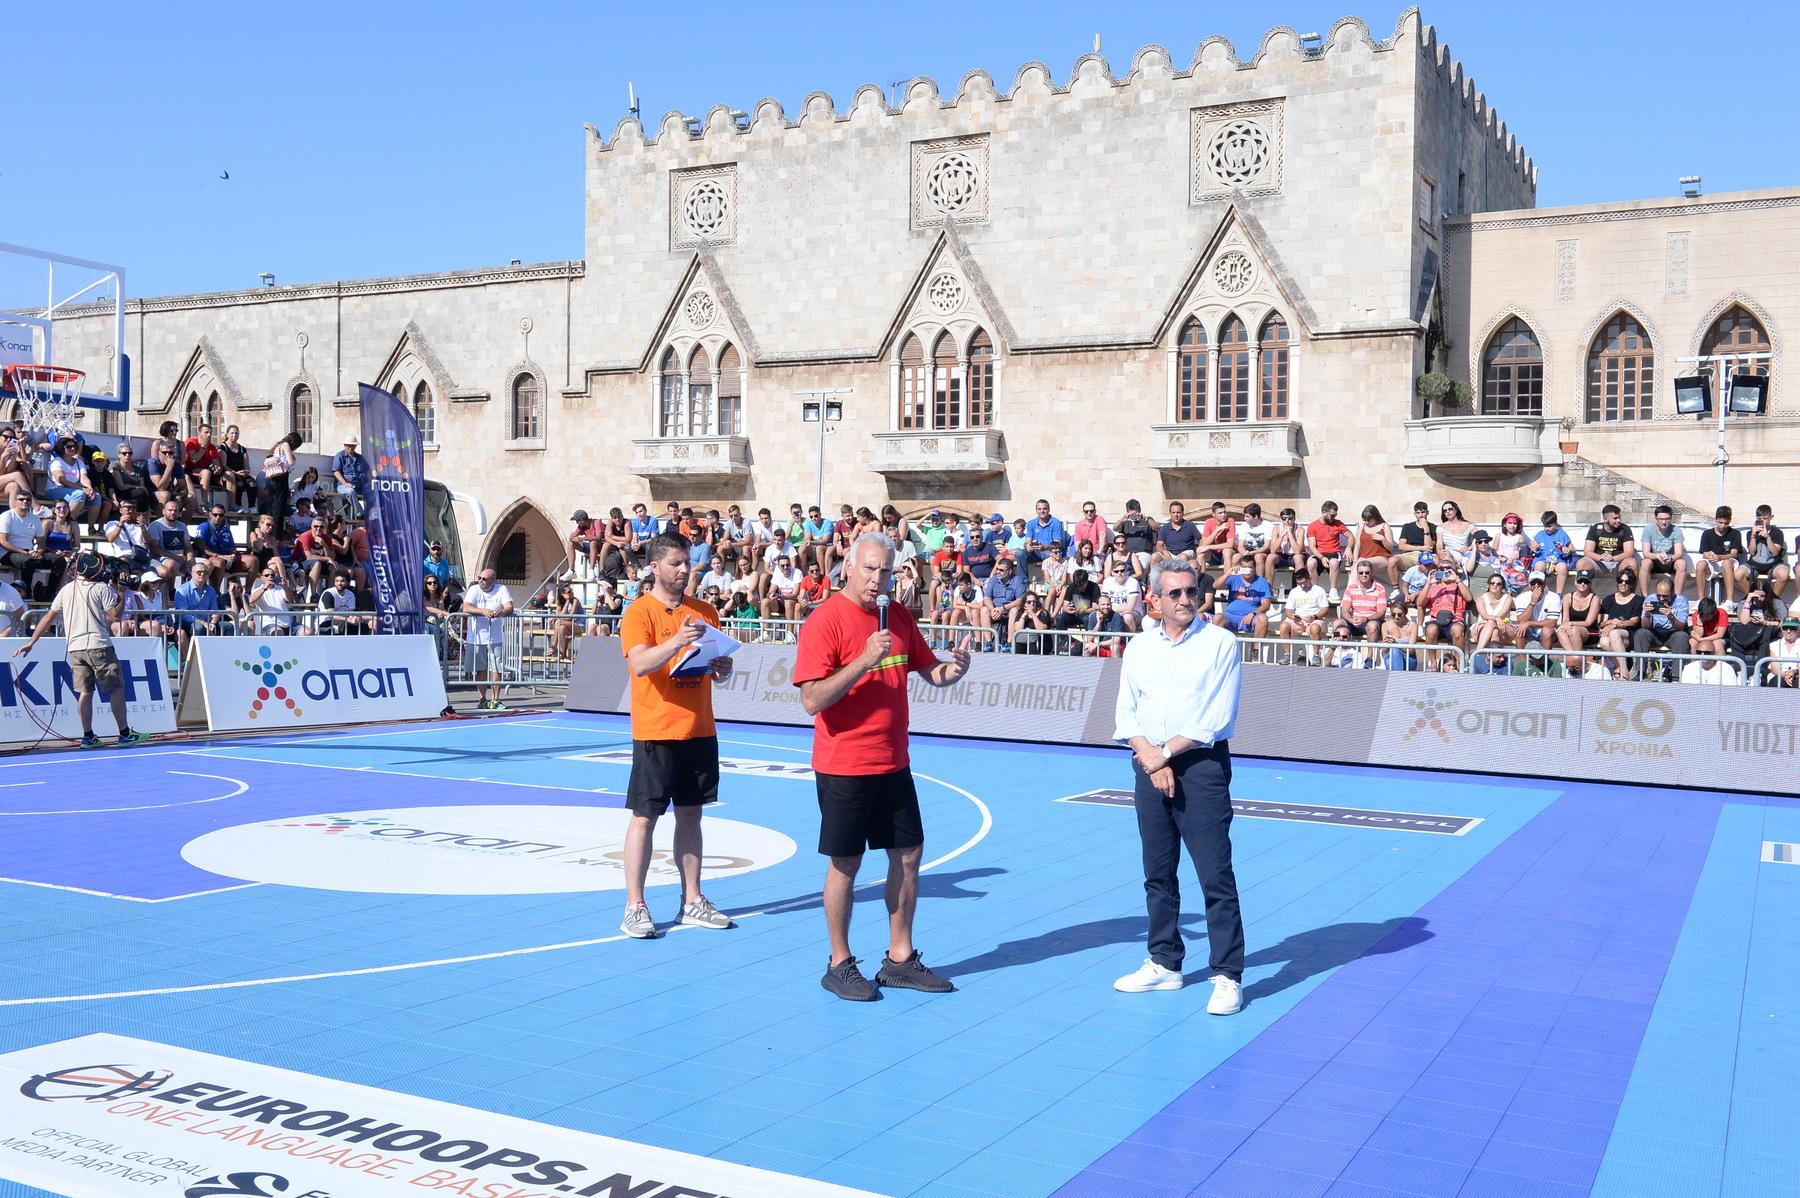 GalisBasketball 3on3: Καθολική αναγνώριση στον Νίκο Γκάλη! (photos)